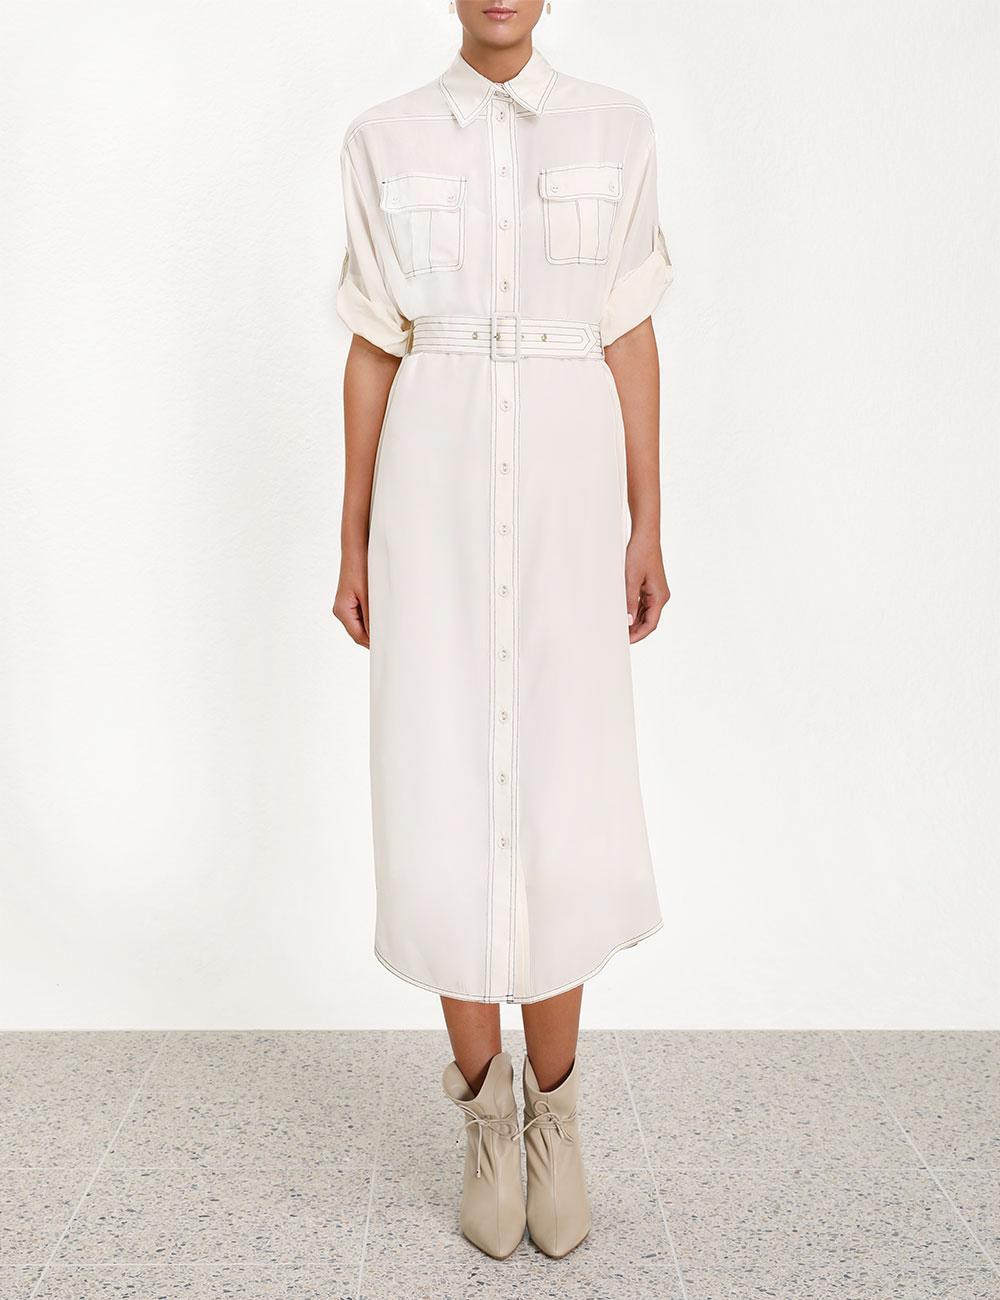 b63e454800a31 Zimmermann - White Utility Dress - Lyst. View fullscreen